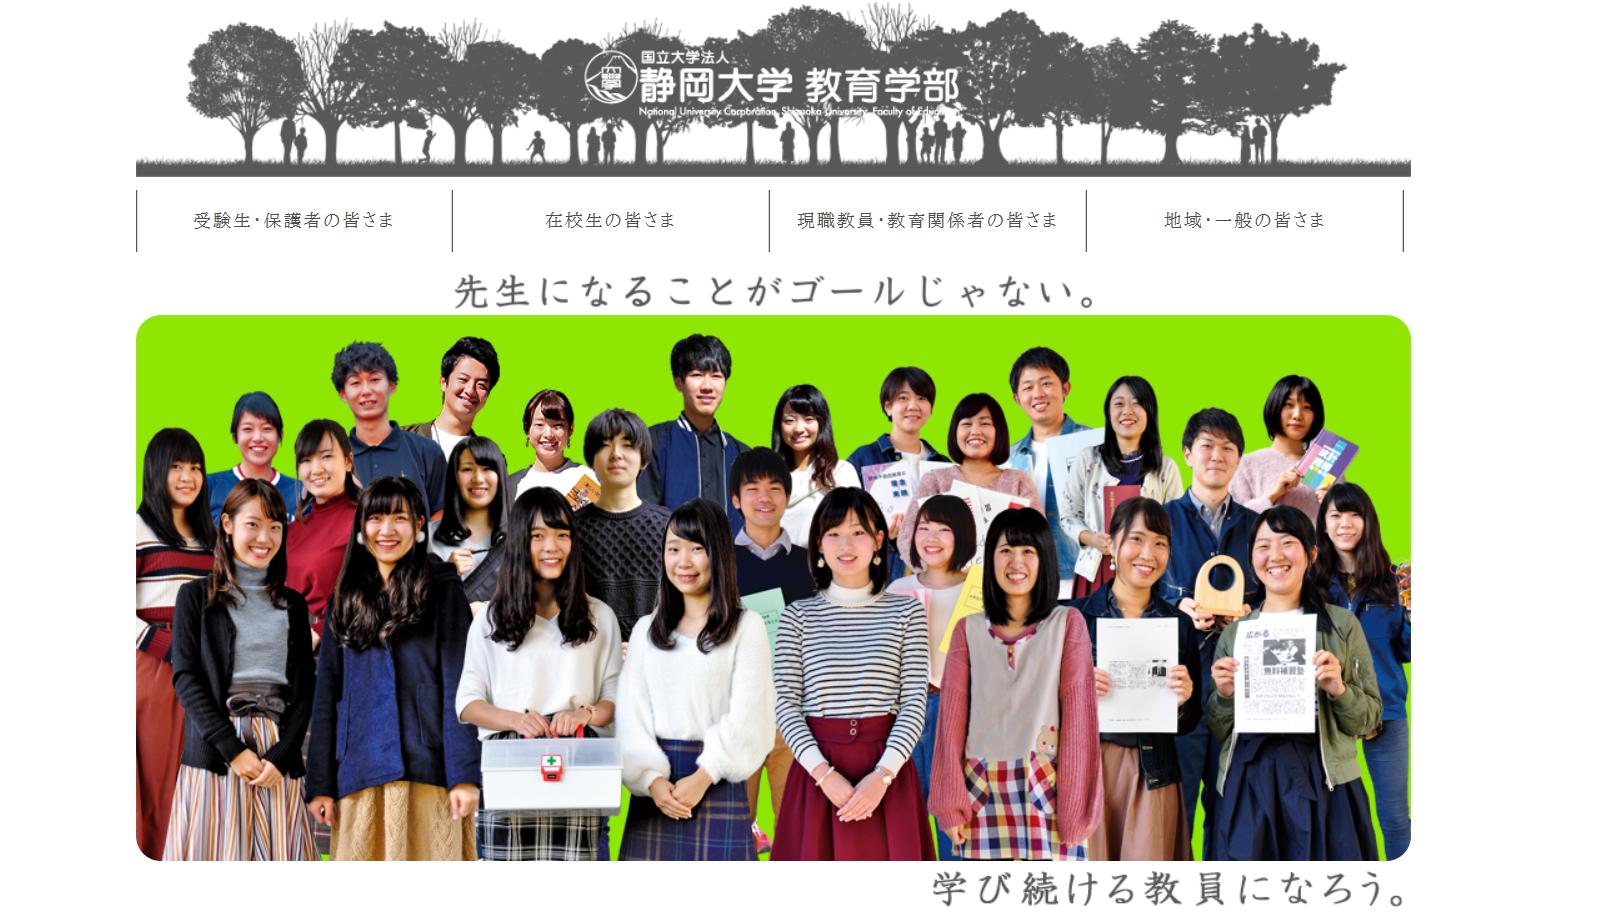 静岡大学の評判・口コミ【教育学部編】